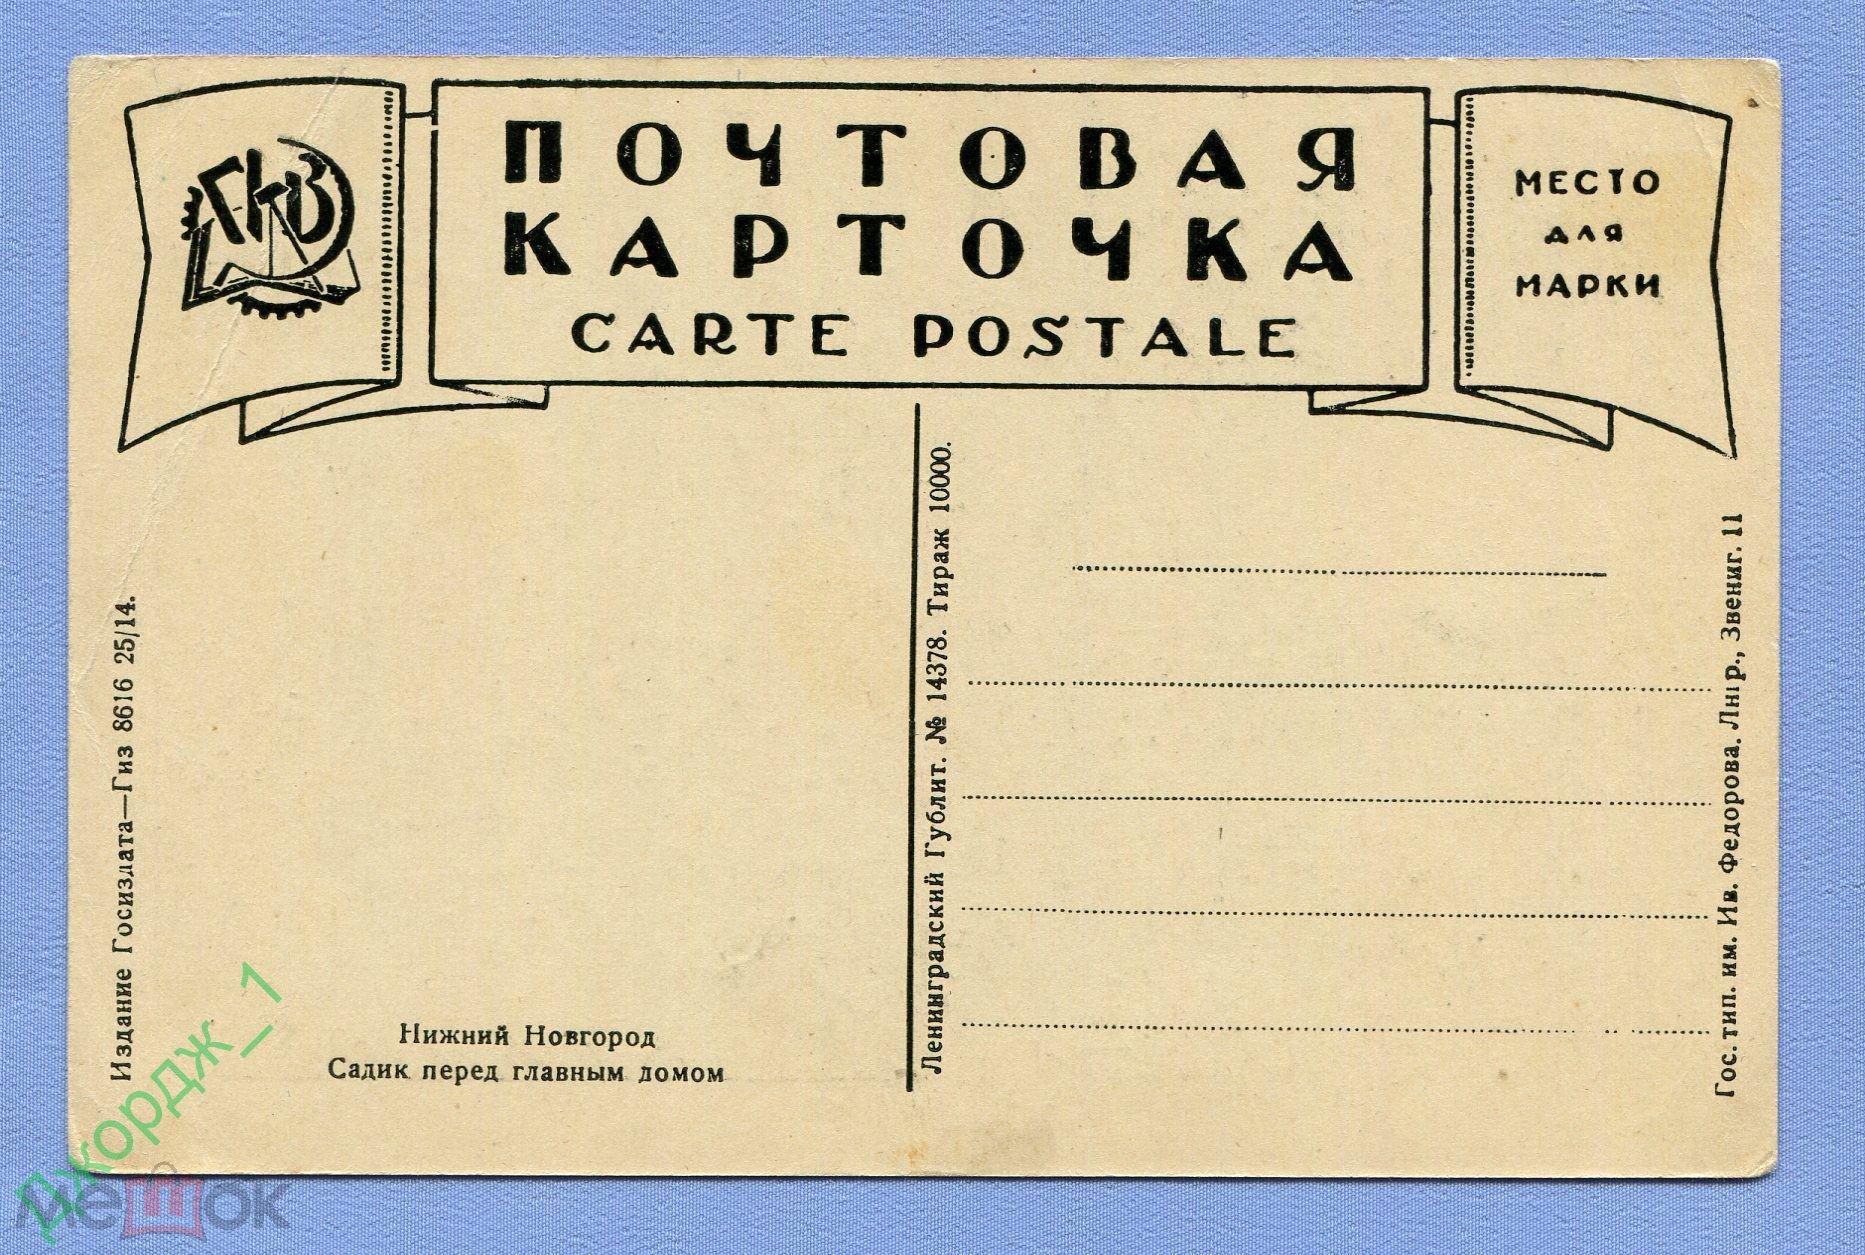 Нижний Новгород Садик перед главным домом изд. ГИЗ